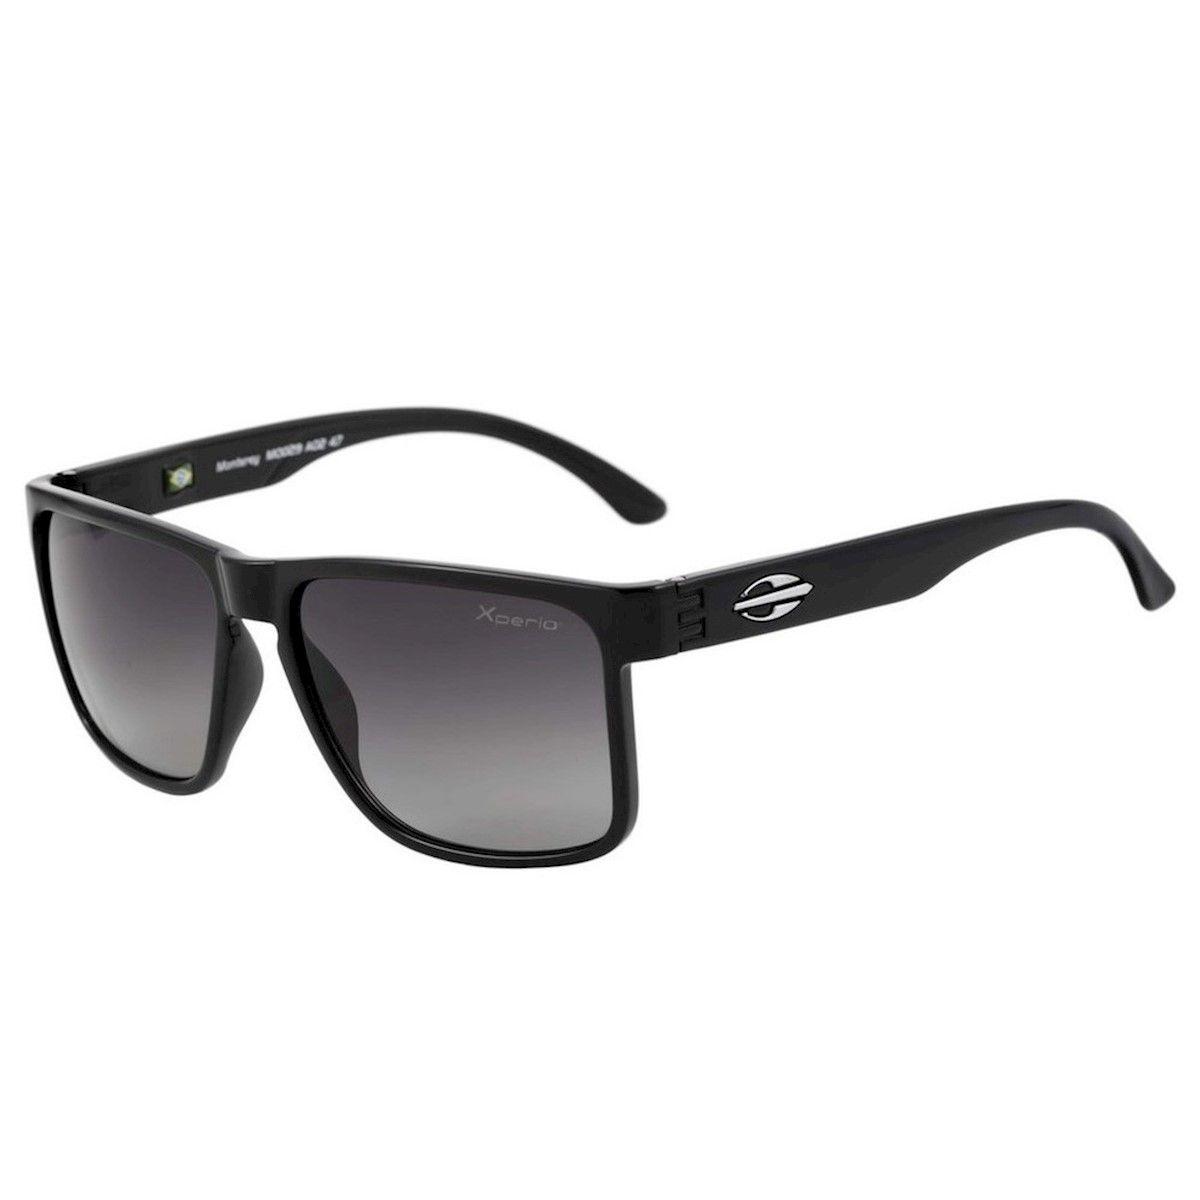 aeebc33b305f0 Óculos de Sol Mormaii Monterey Polarizado Preto Brilho » Óculos de Sol  Mormaii